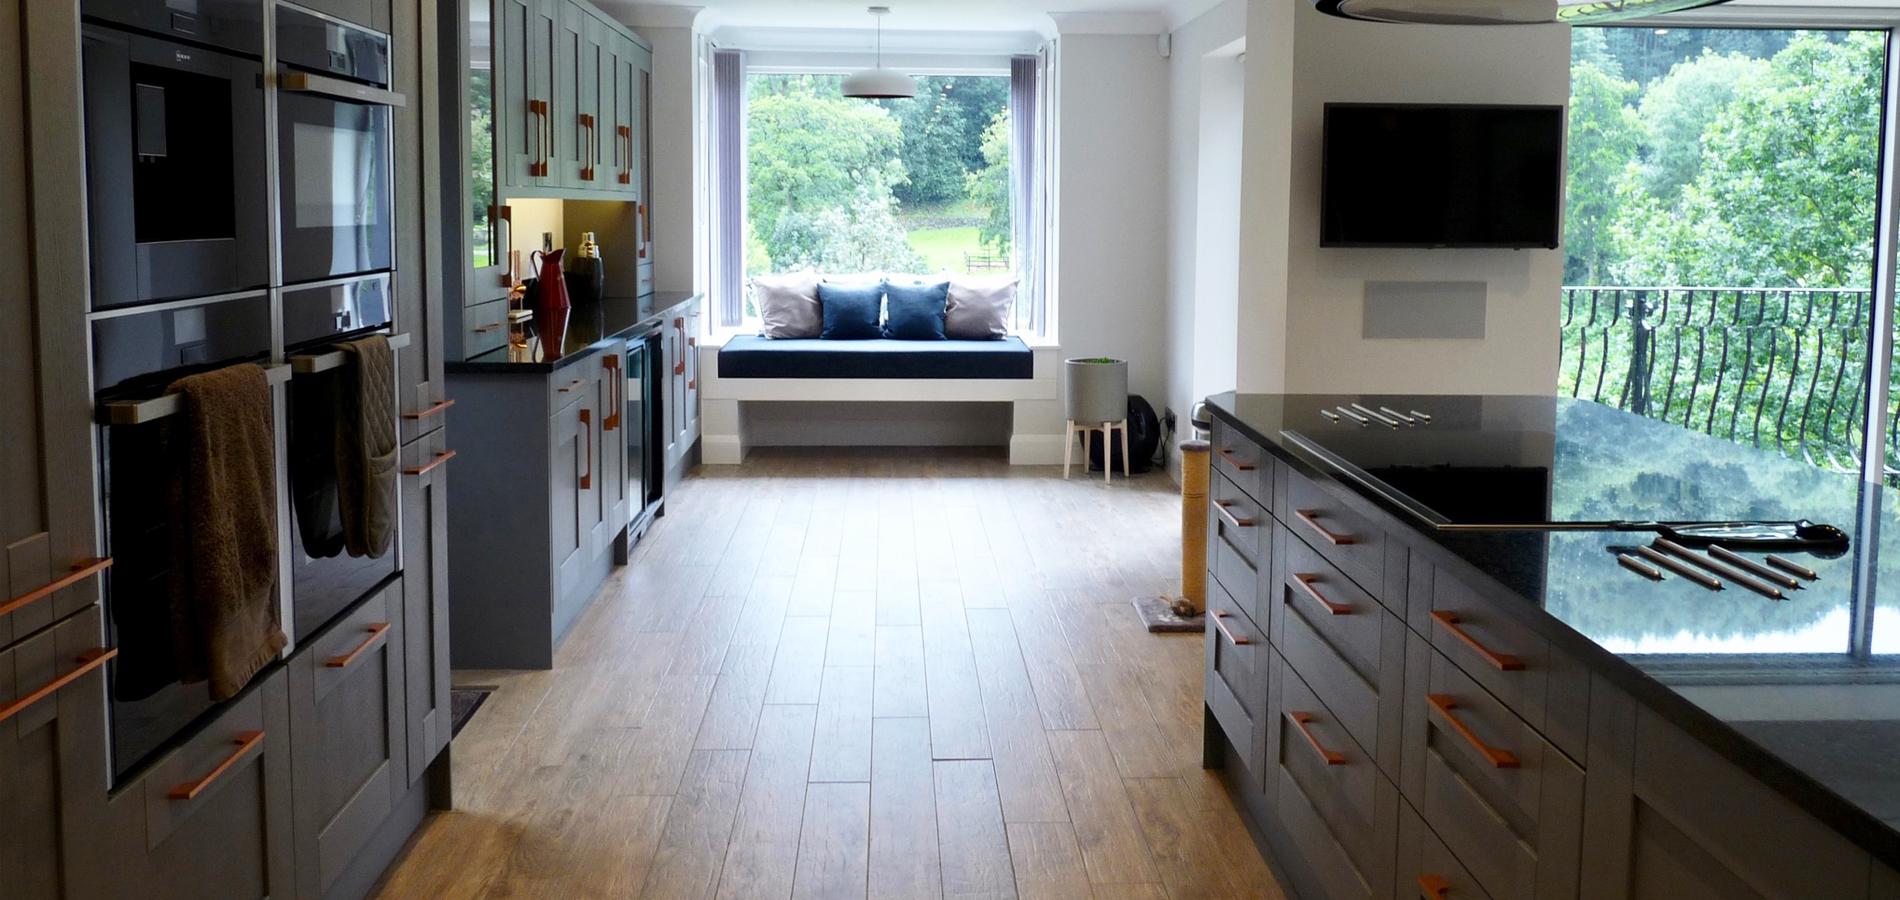 Beautiful bespoke handmade kitchens